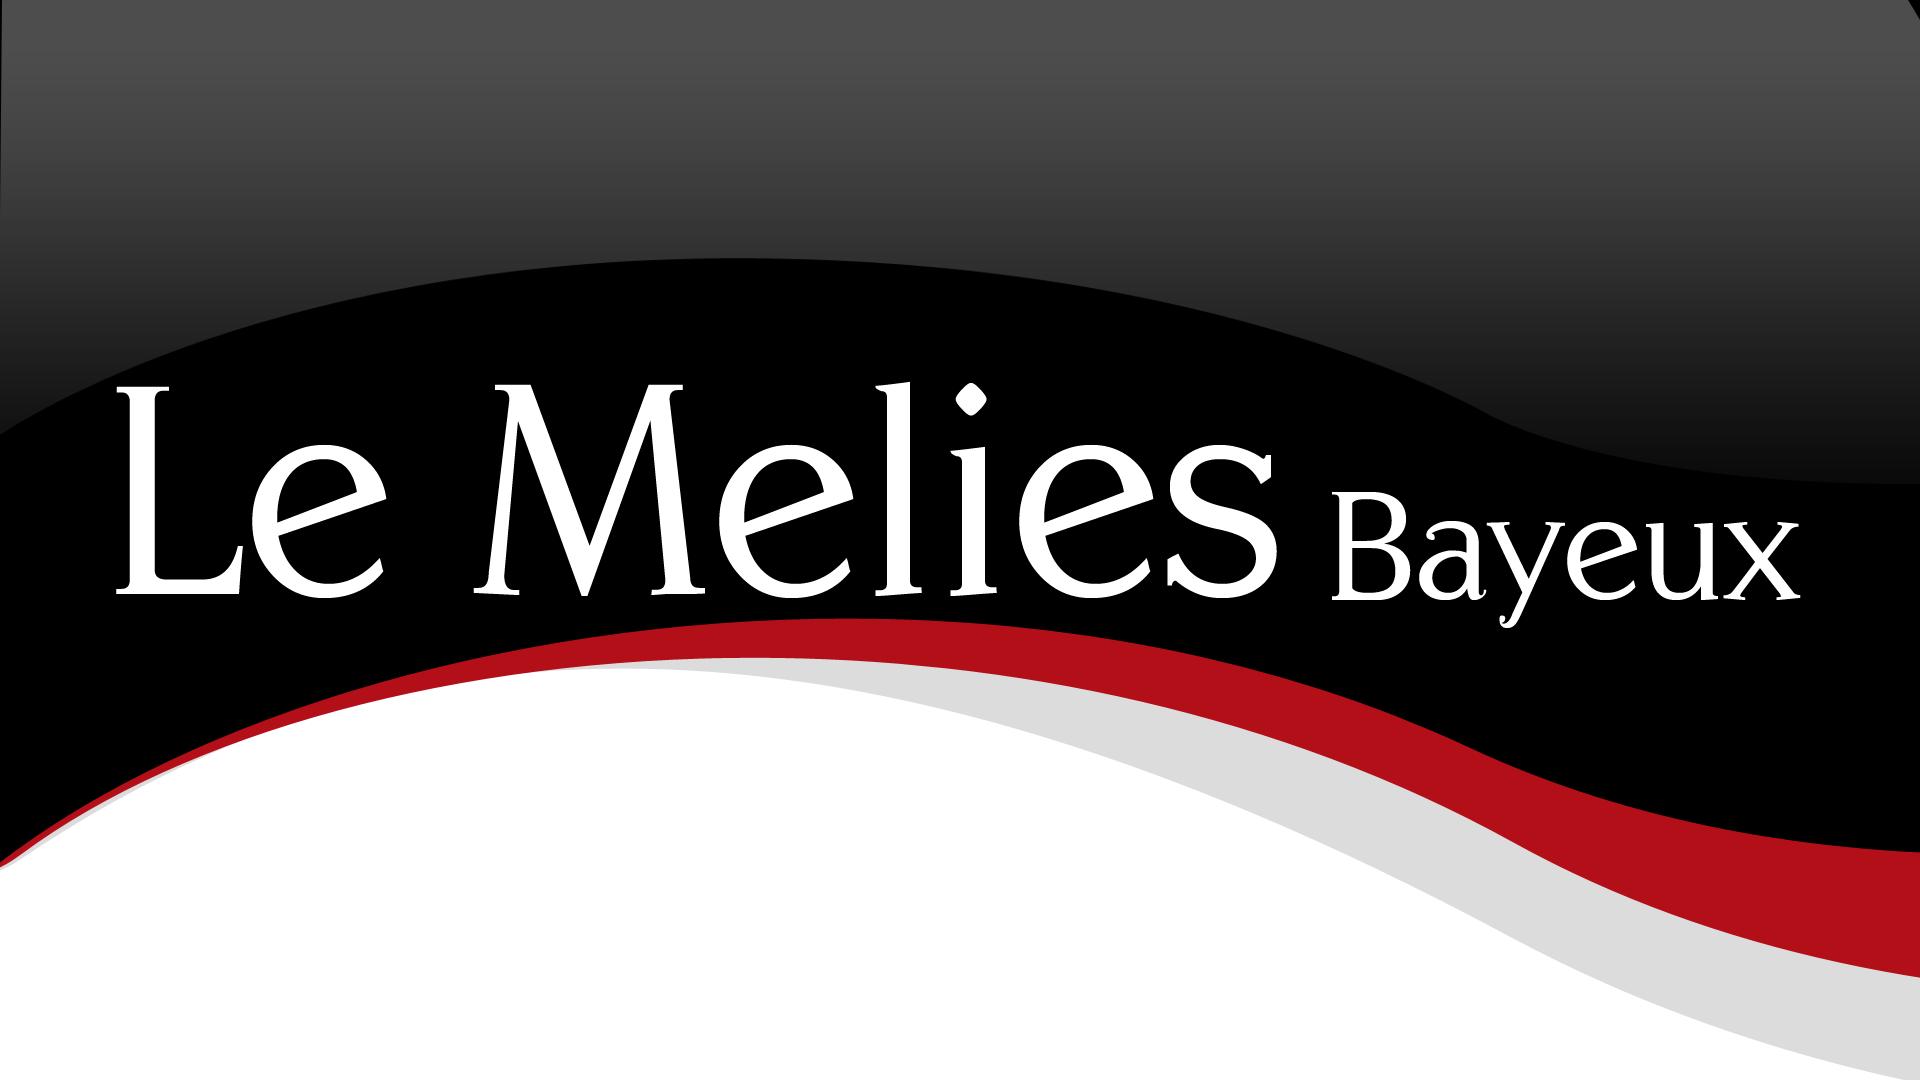 Bayeux -  Le Méliès